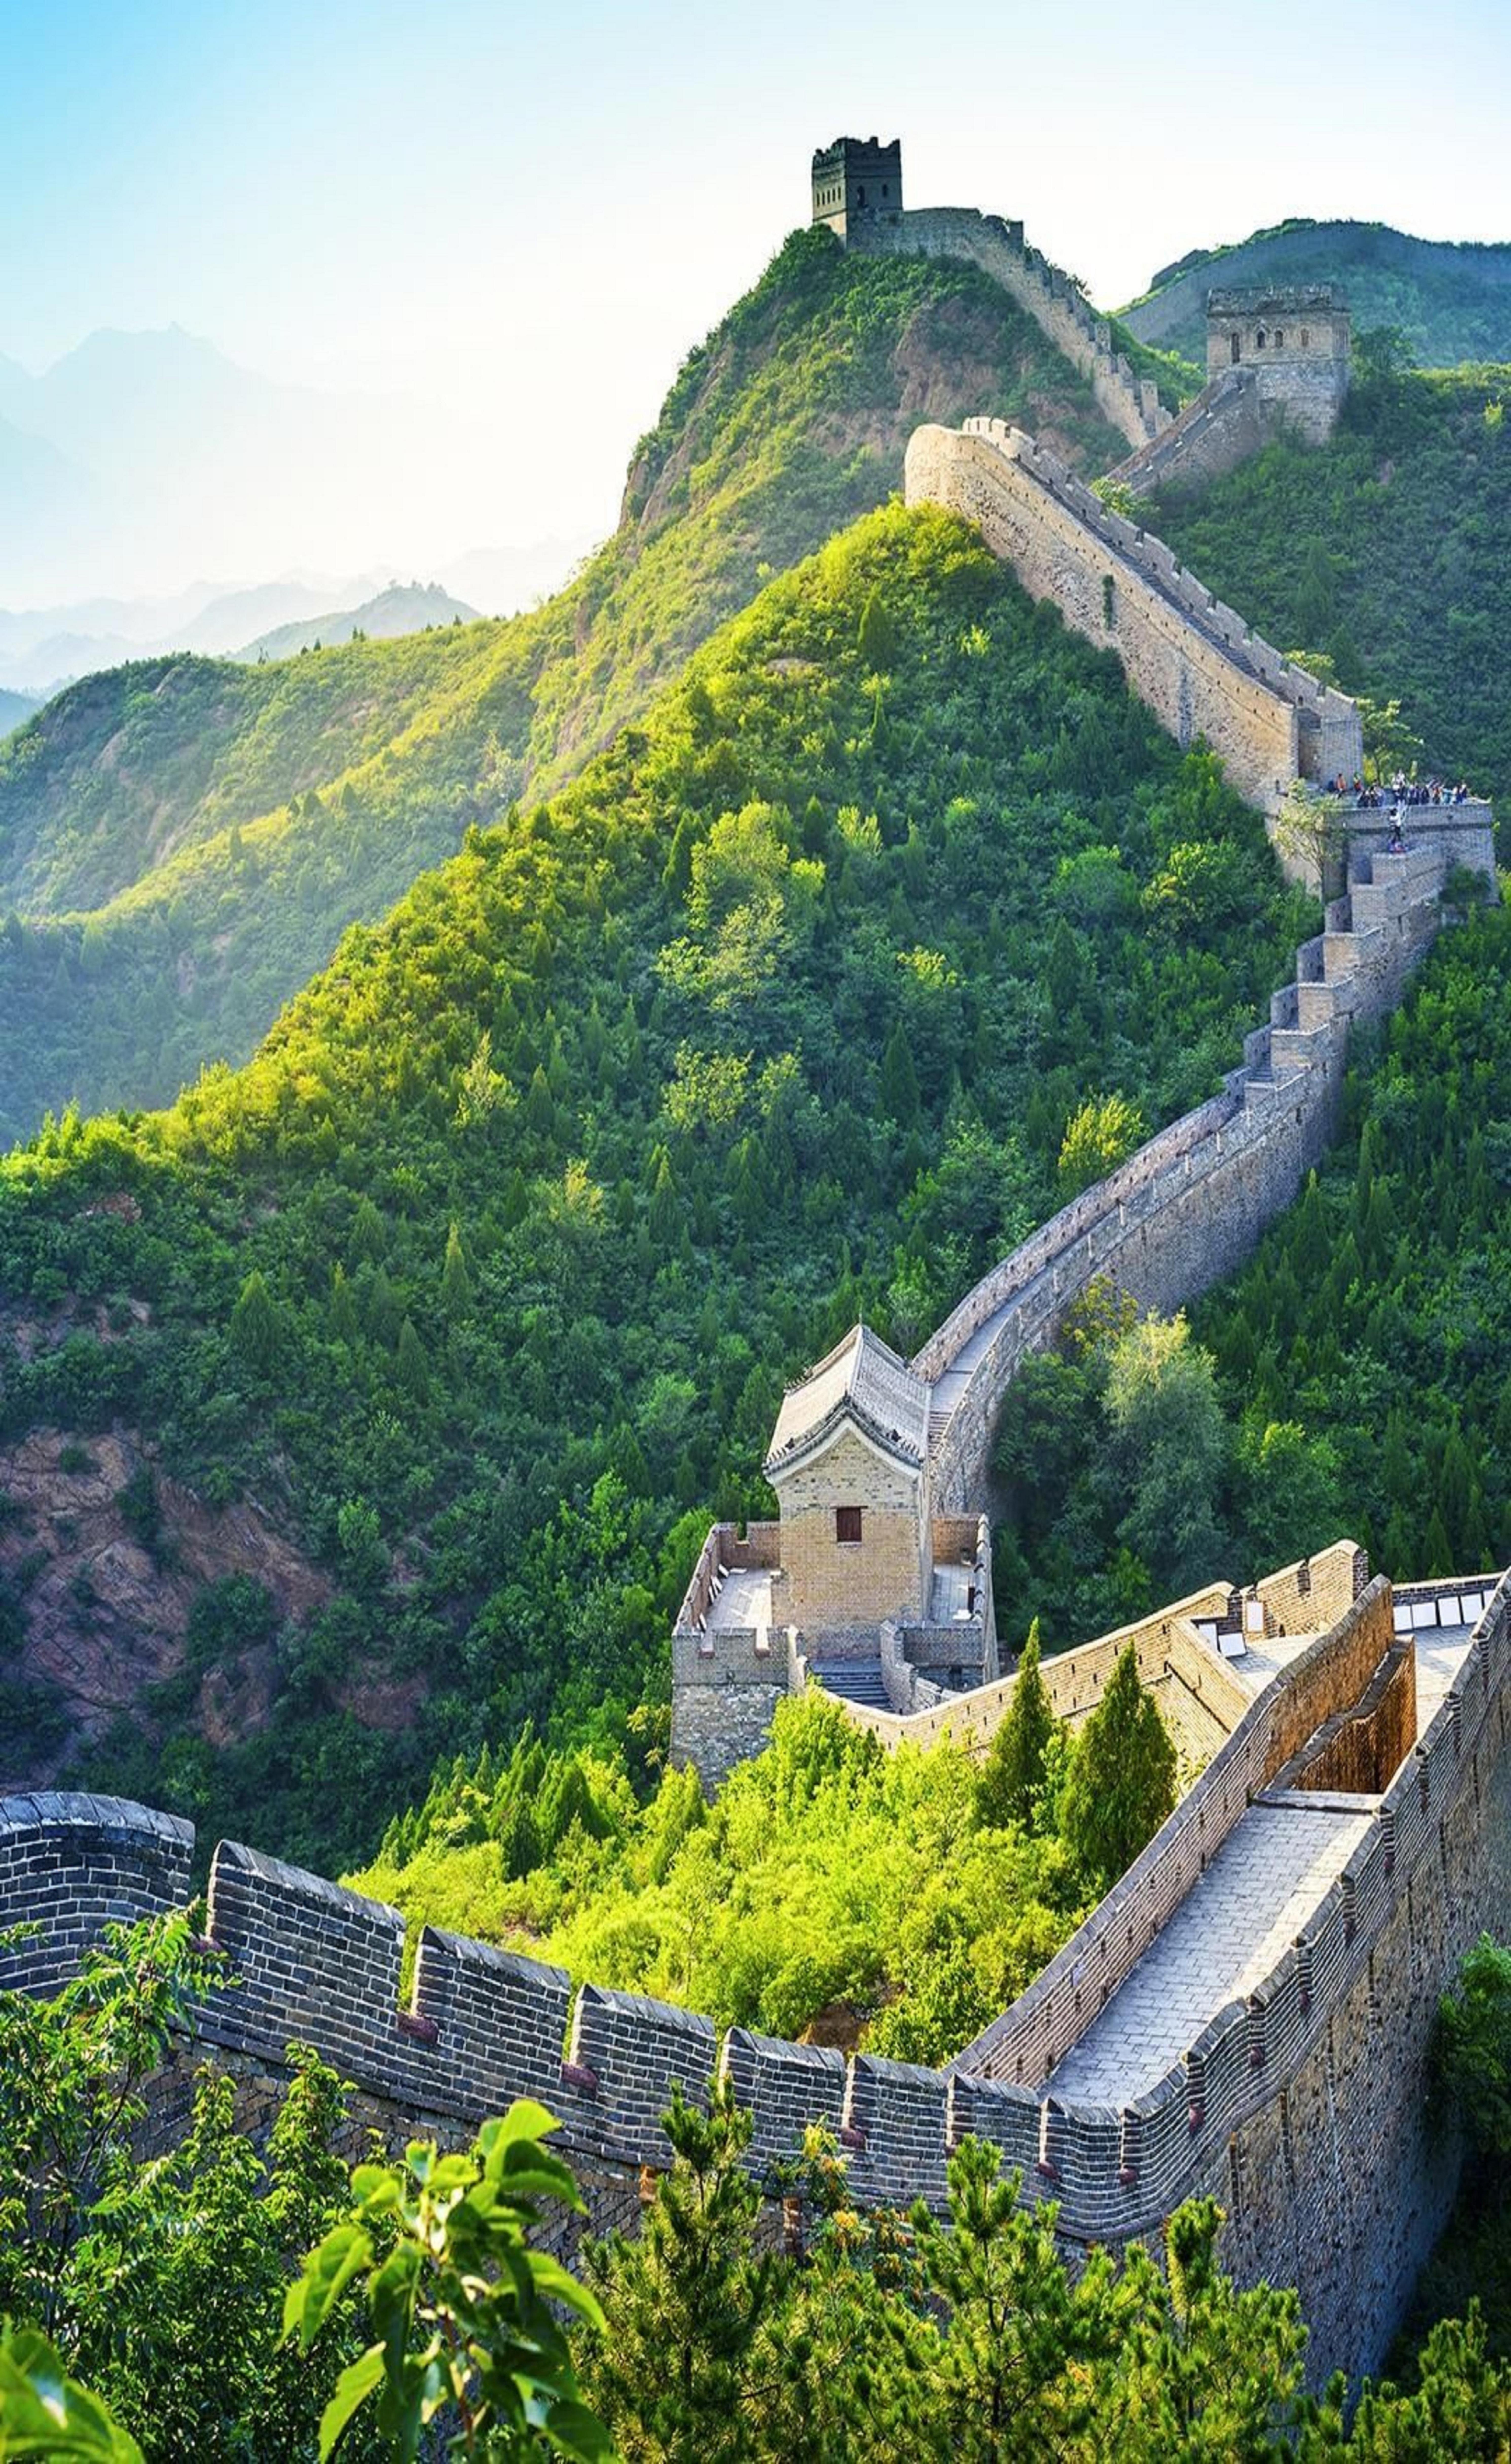 great wall of china grande muralha da china lugares bonitos on the great wall of china id=67411